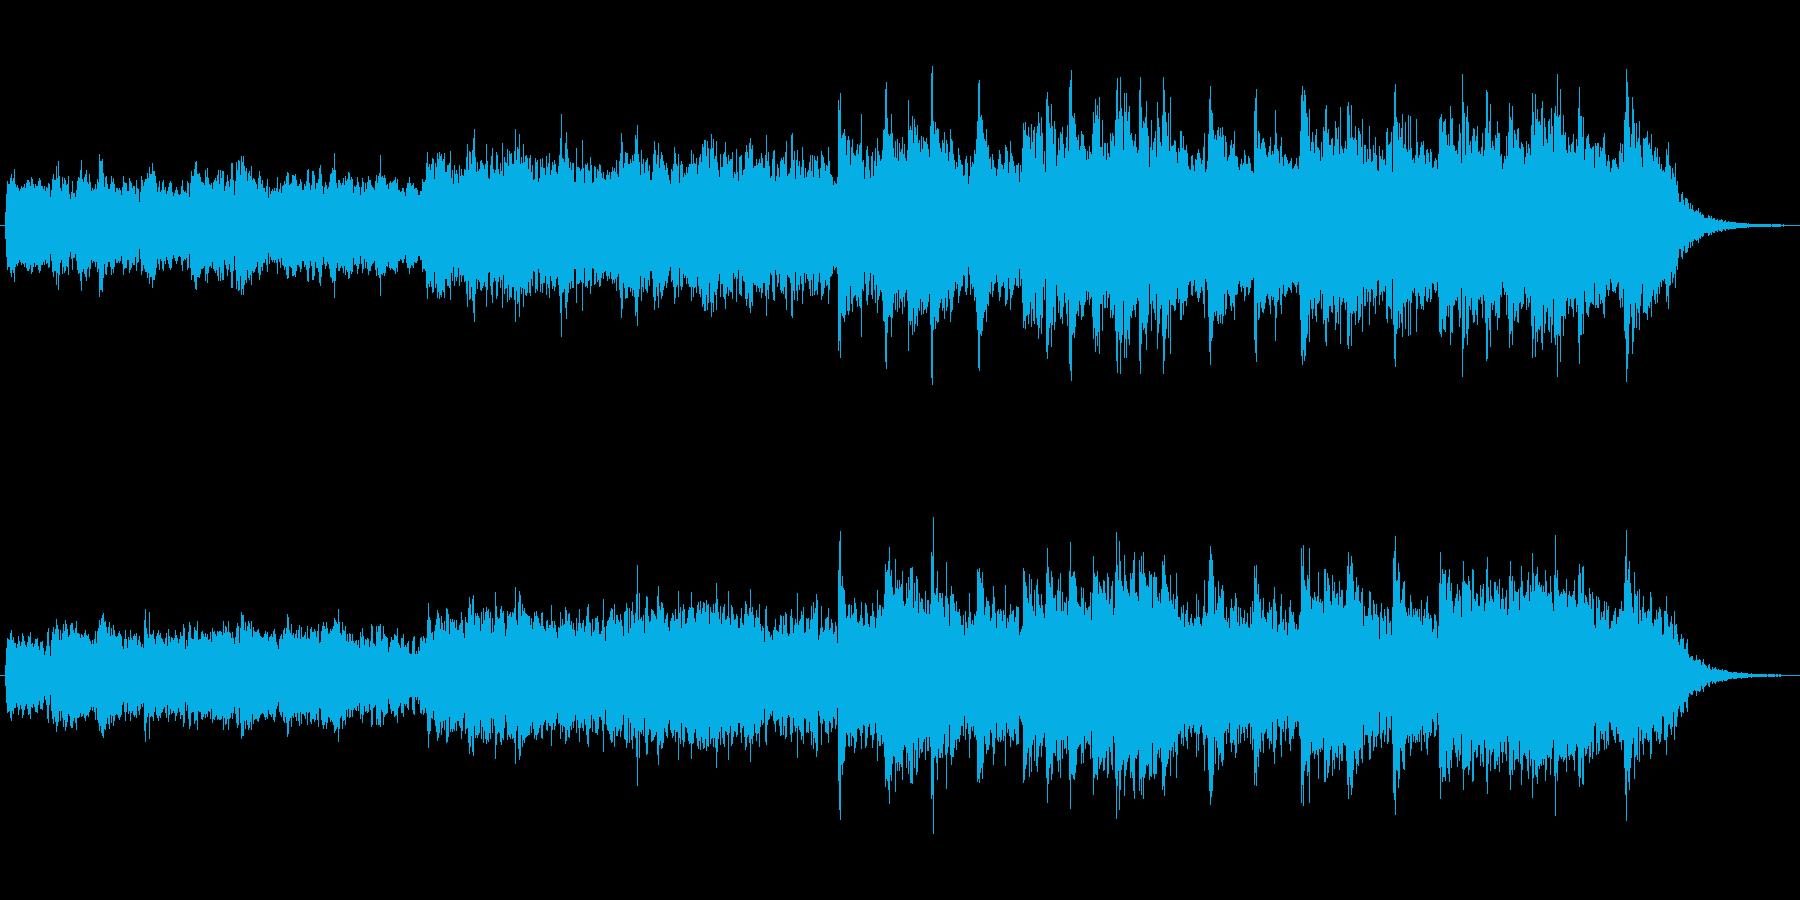 奇妙な中東風エスニックなジングルの再生済みの波形